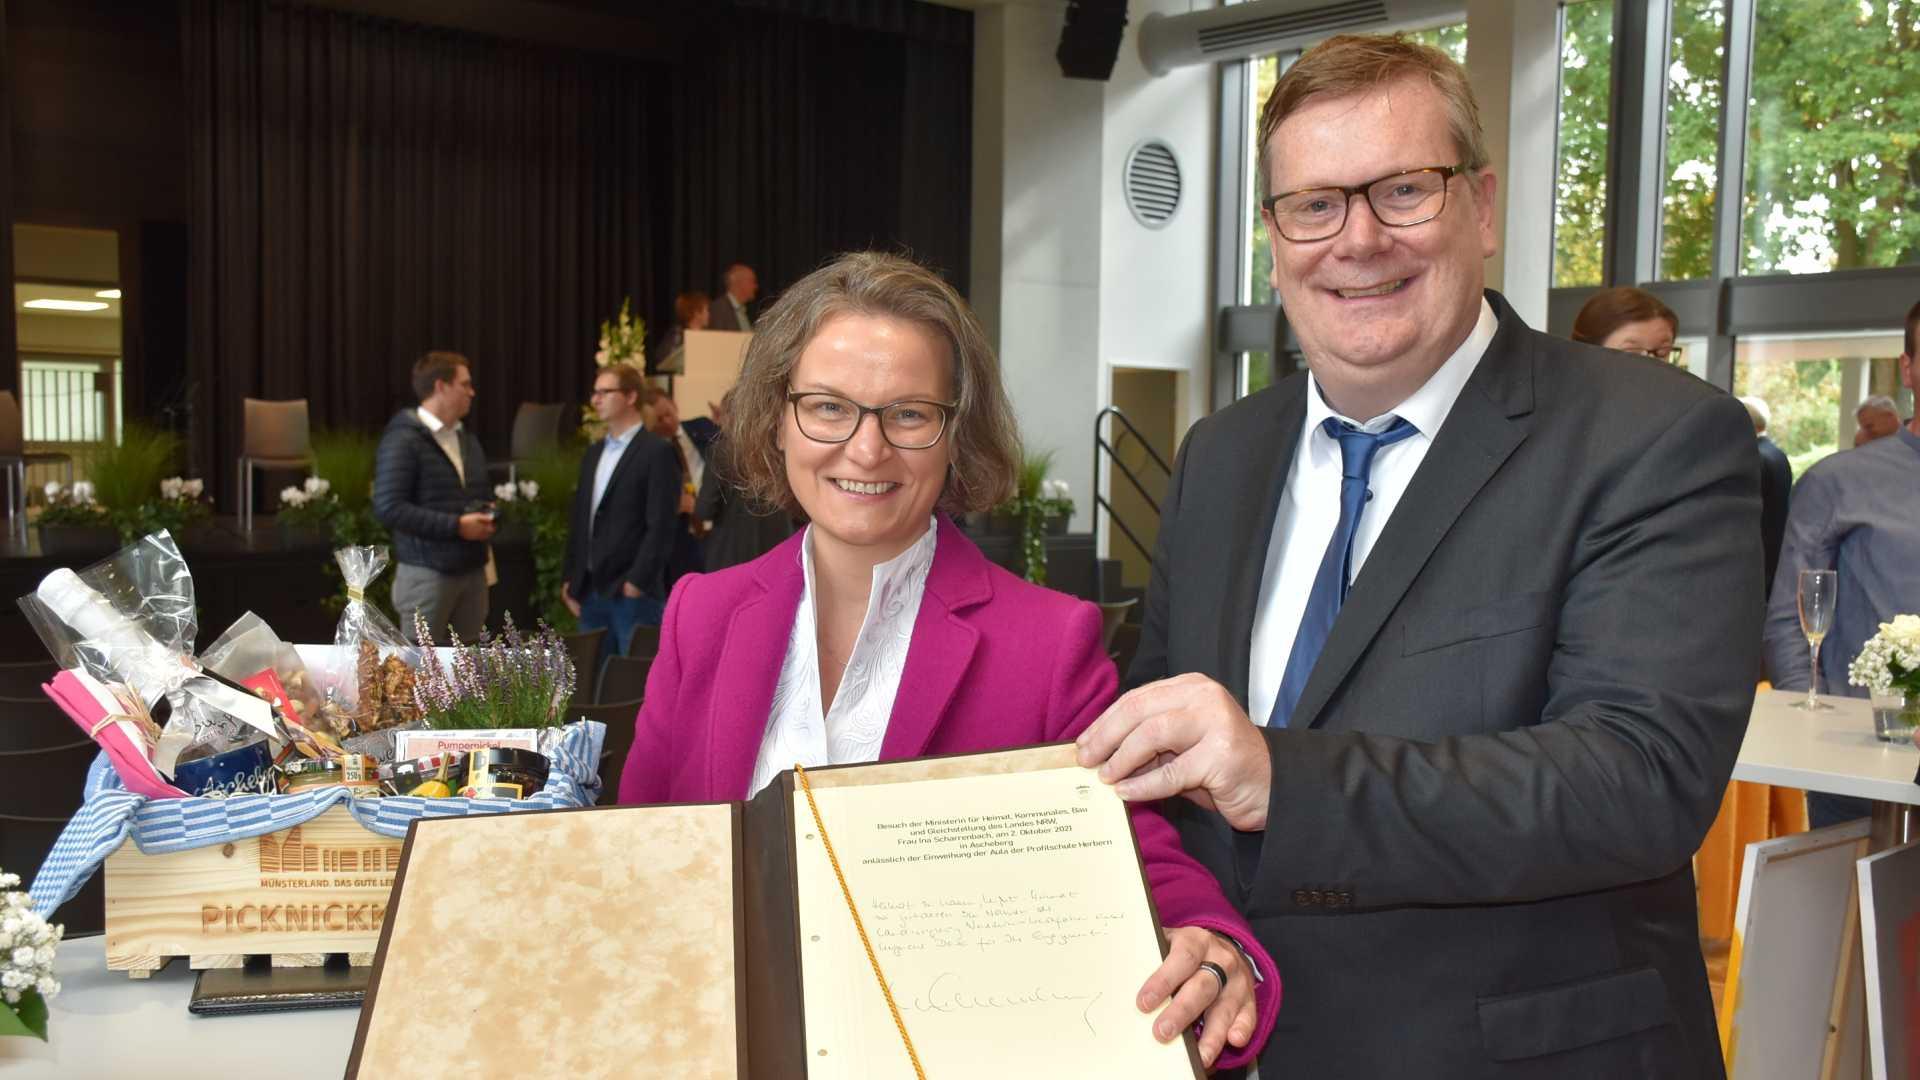 Ministerin Scharrenbach und Bürgermeister Stohldreier mit dem goldenen Buch